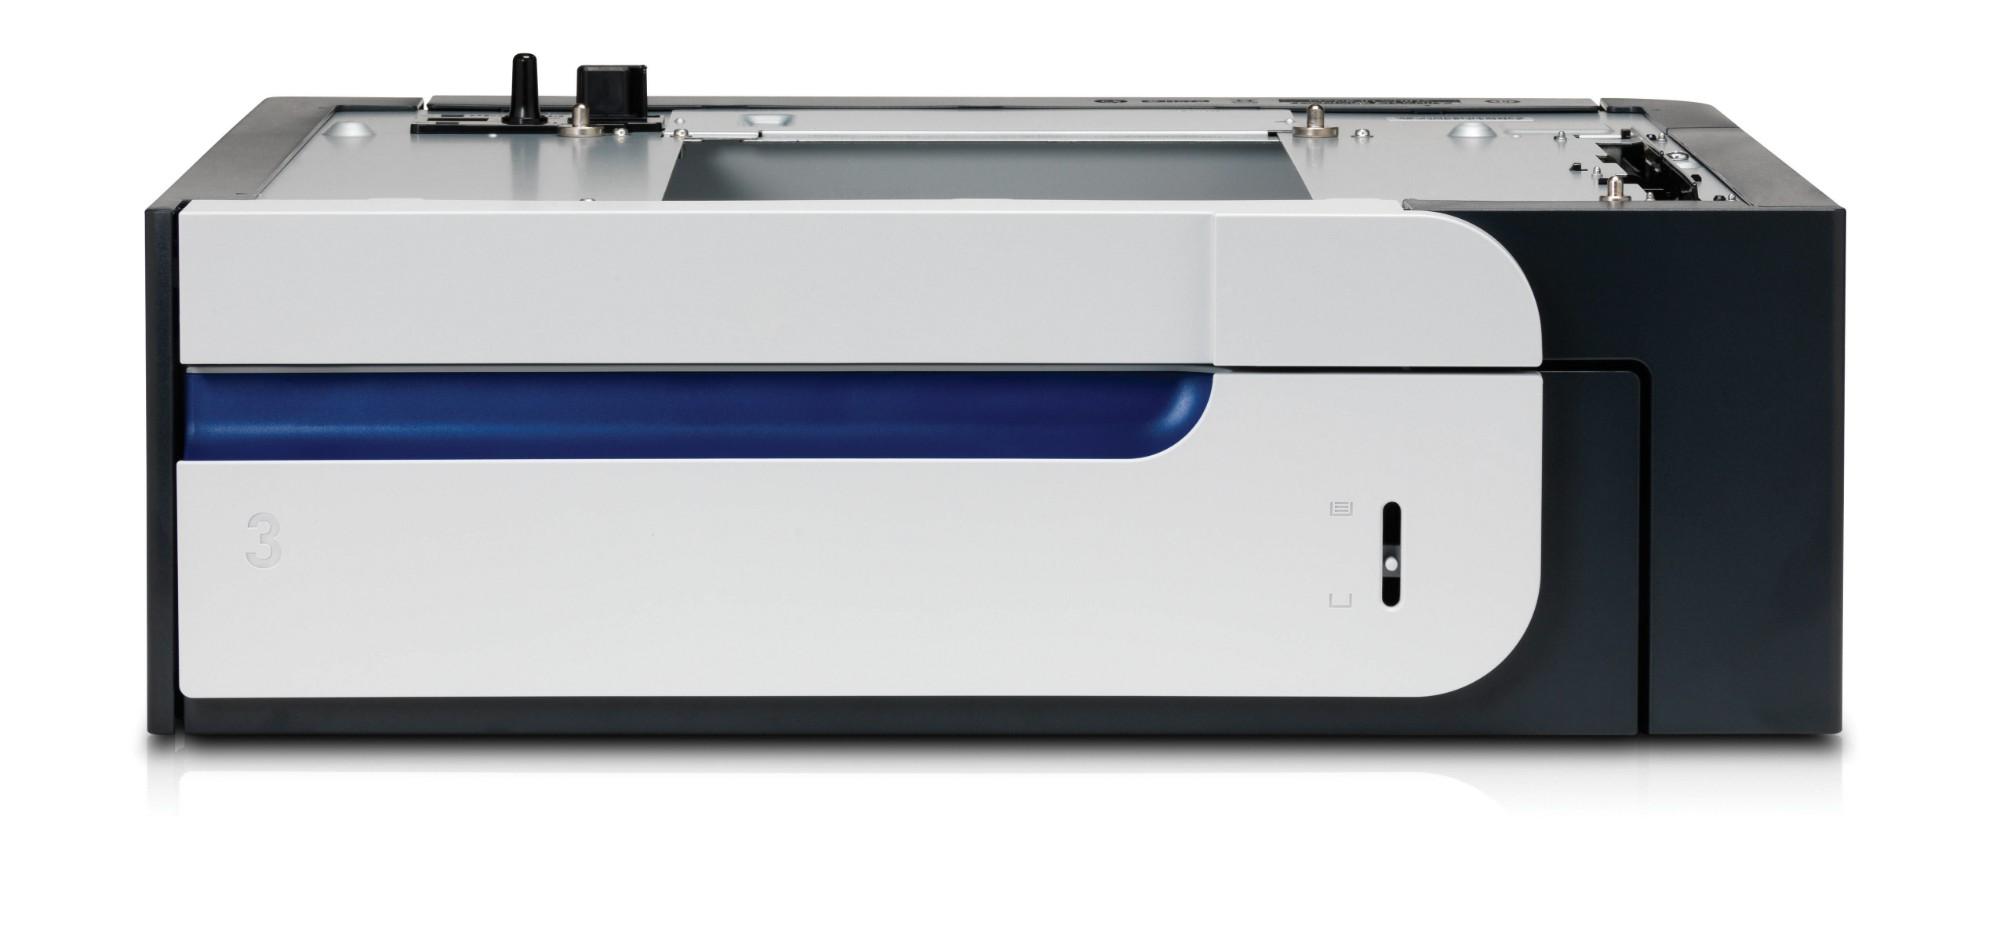 HP LaserJet Color invoerlade voor 500 vel papier en zware media